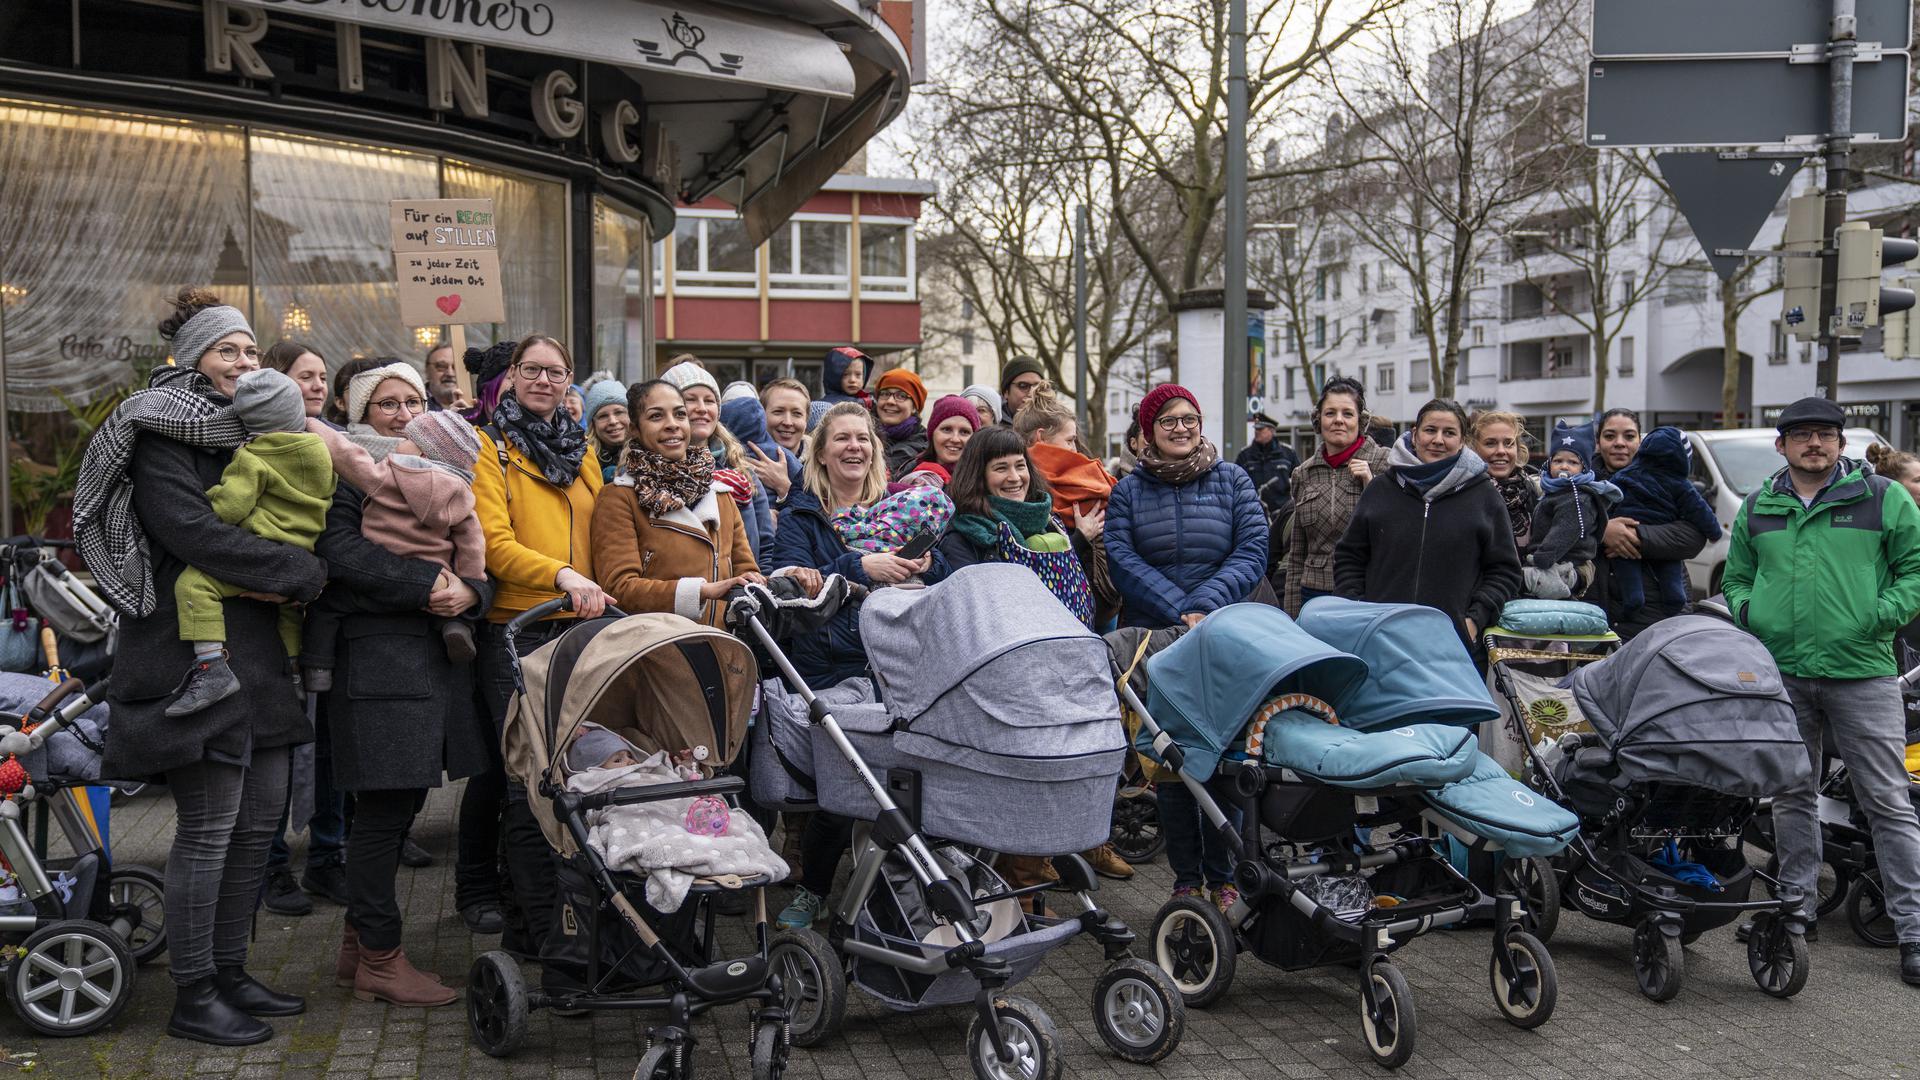 Rund 25 Mütter und Väter haben sich in Karlsruhe vor dem Café Brenner zusammengefunden, um für mehr Akzeptanz für Stillen in der Öffentlichkeit zu werben.